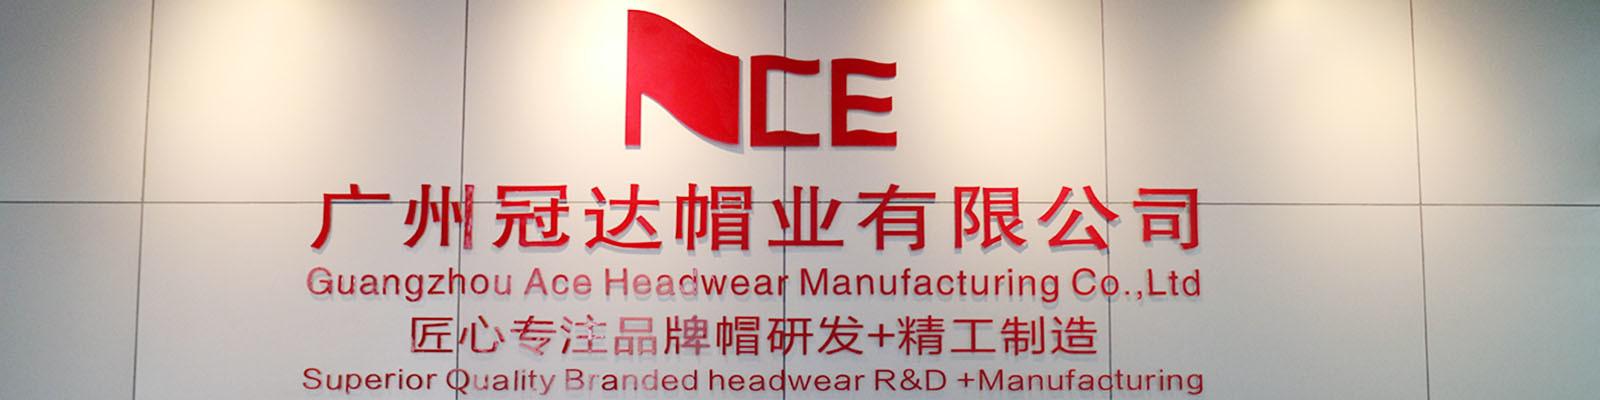 Custom Cap Manufacturer, Hat Supplier, Cap Supplier, Premium